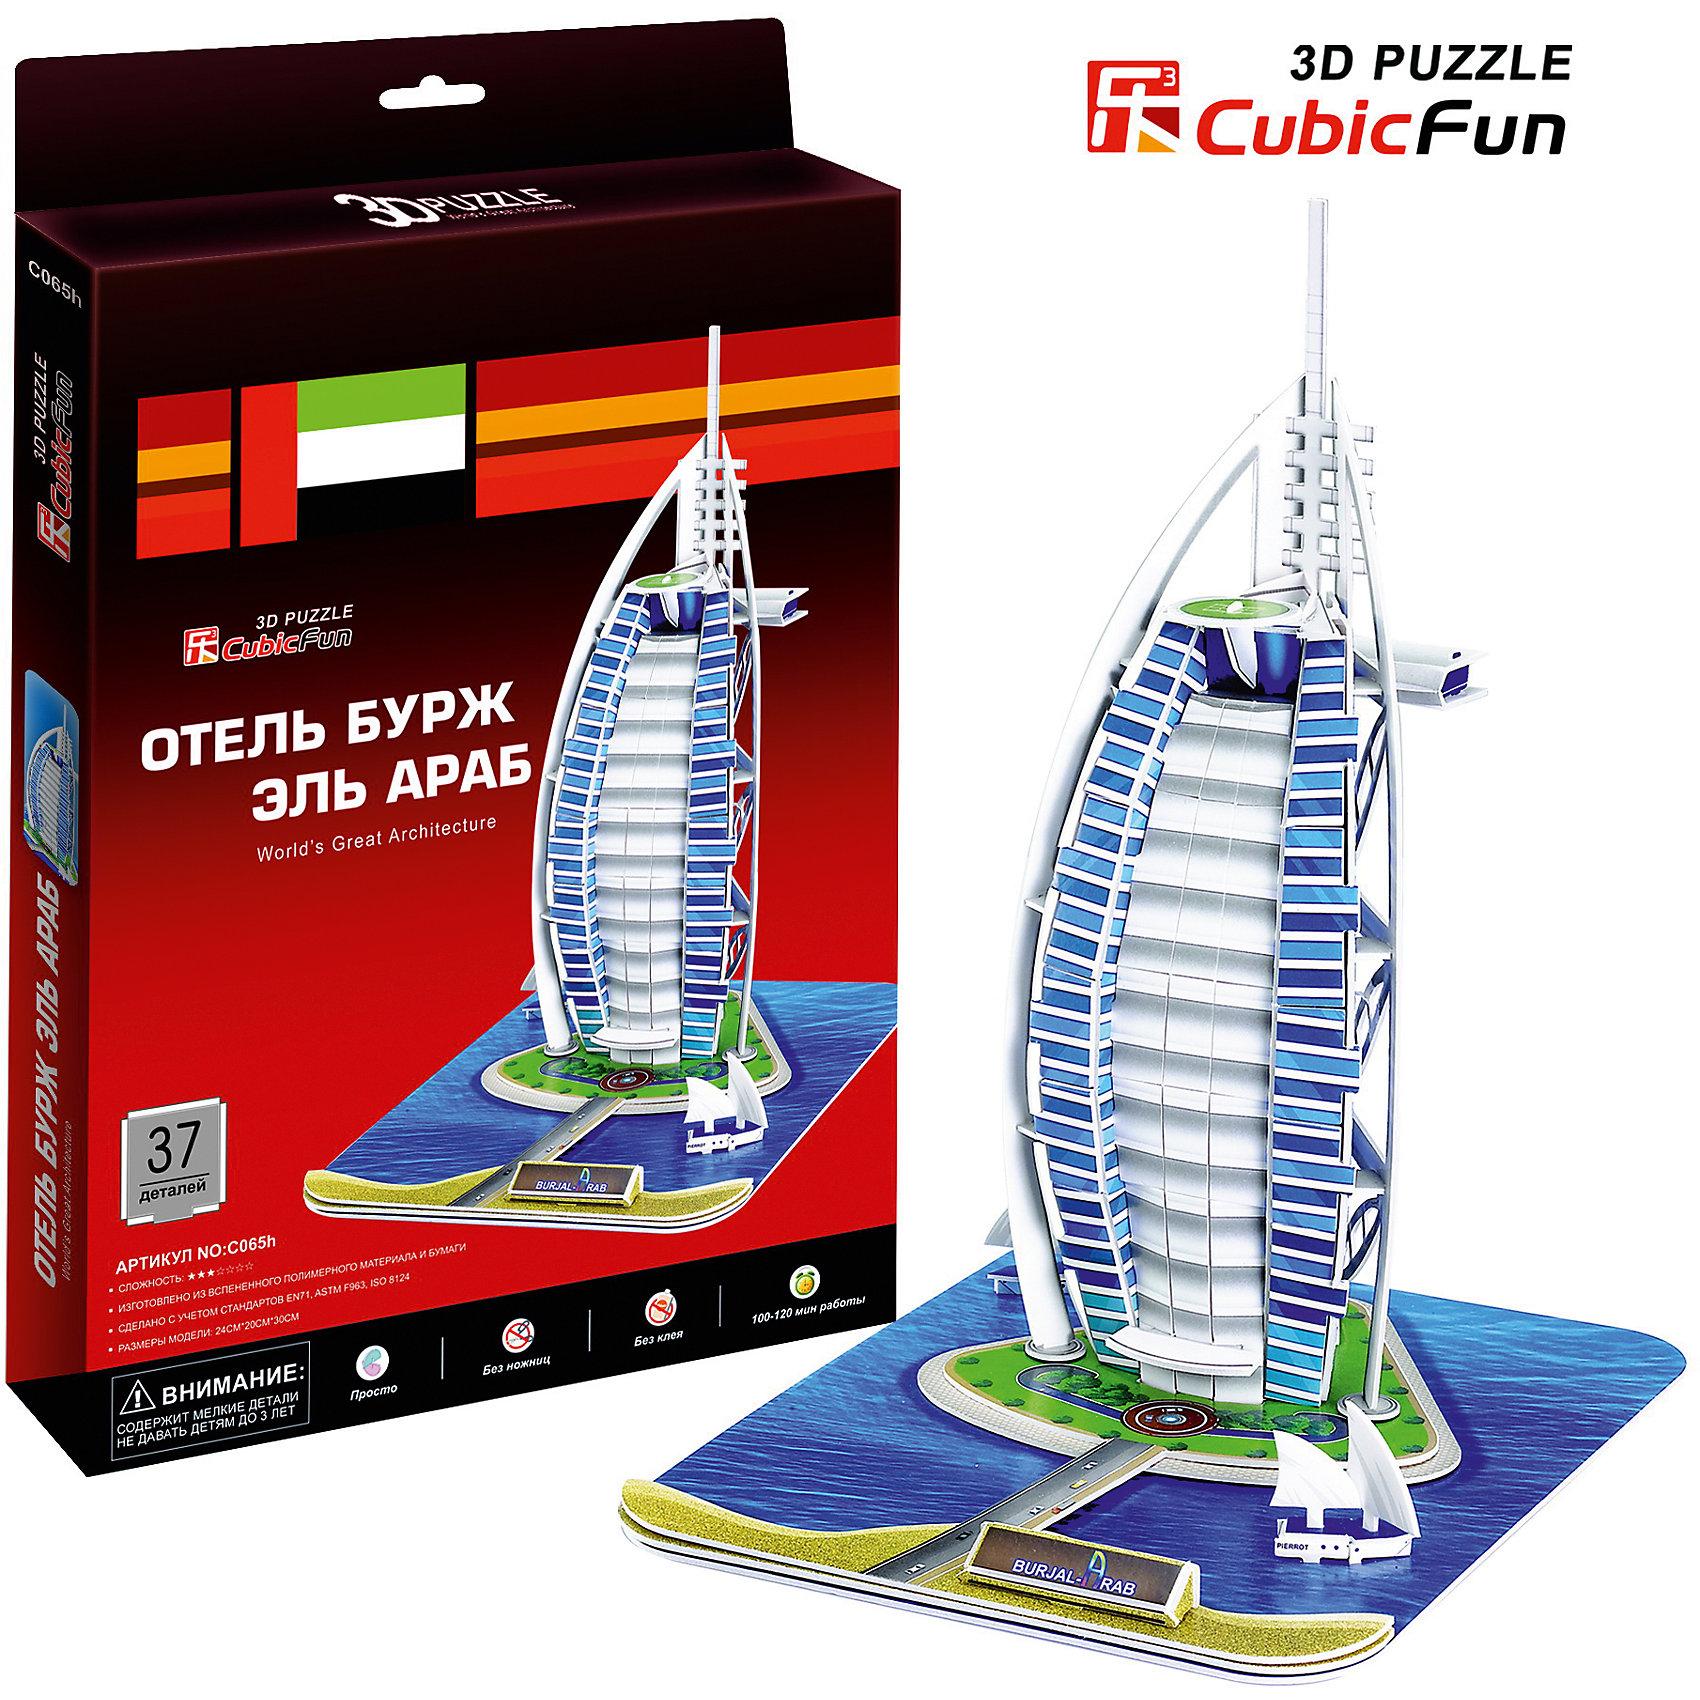 Пазл 3D Отель Бурж эль Араб (ОАЭ), CubicFunCubic Fun C065h Кубик фан Отель Бурж эль Араб (Дубаи)<br>Бурж эль-Араб  — роскошный отель в Дубае, крупном городе Объединённых Арабских Эмиратов. Здание стоит в море на расстоянии 280 метров от берега на искусственном острове, соединённом с землёй при помощи моста. Высота 321 метр. Строительство отеля началось в 1994 году, для посетителей он открылся 1 декабря 1999 года. Отель был построен в виде паруса доу, арабского судна. Ближе к верху находится вертолётная площадка, а с другой стороны — ресторан «Аль-Мунтаха» (араб. ?? Высочайший). Конструкция поддерживается консольными балками.<br>Уровень сложности - 3<br>Функции:   <br>- помогает в развитии логики и творческих способностей ребенка;<br>- помогает в формировании мышления, речи, внимания, восприятия и воображения;<br>- развивает моторику рук;<br>- расширяет кругозор ребенка и стимулирует к познанию новой информации;<br>Практические характеристики:<br>- обучающая, яркая и реалистичная модель;<br>- идеально и легко собирается без инструментов;<br>- увлекательный игровой процесс;<br>- тематический ассортимент;<br>- новый качественный материал (ламинированный пенокартон)<br><br>Ширина мм: 20<br>Глубина мм: 330<br>Высота мм: 220<br>Вес г: 325<br>Возраст от месяцев: 72<br>Возраст до месяцев: 192<br>Пол: Унисекс<br>Возраст: Детский<br>SKU: 4951140